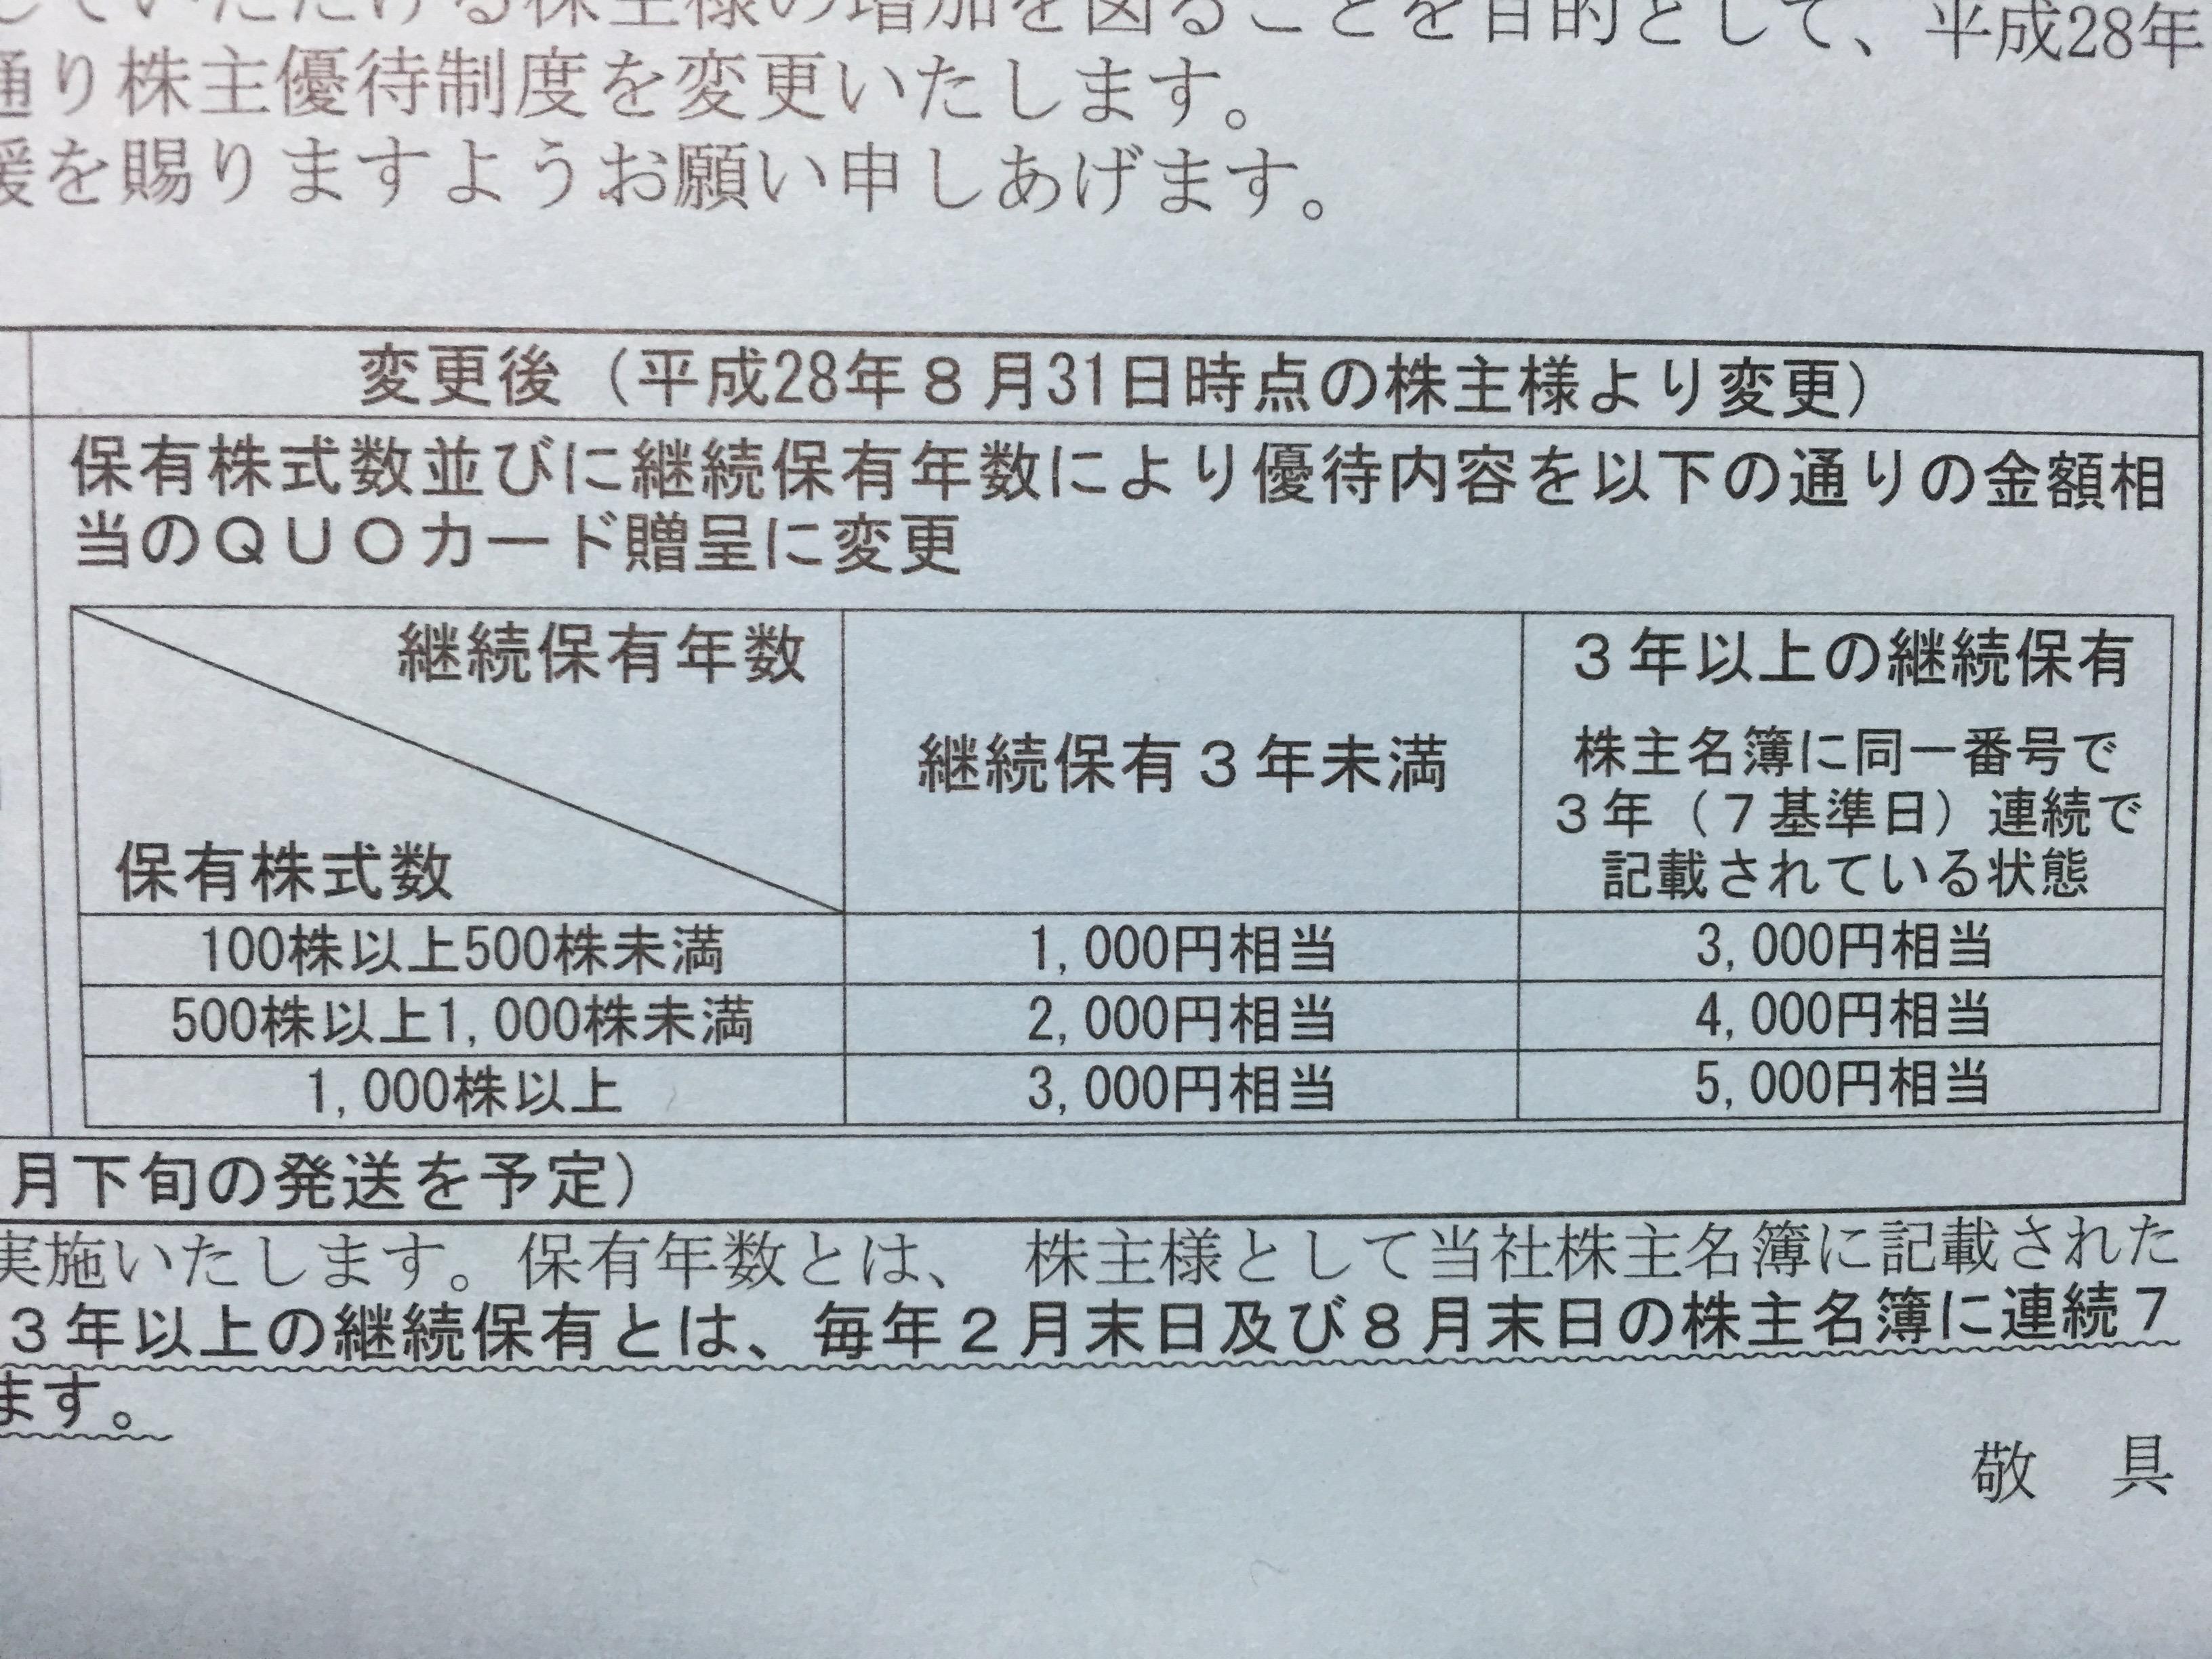 明光ネットワークジャパン 株主優待 2015 2